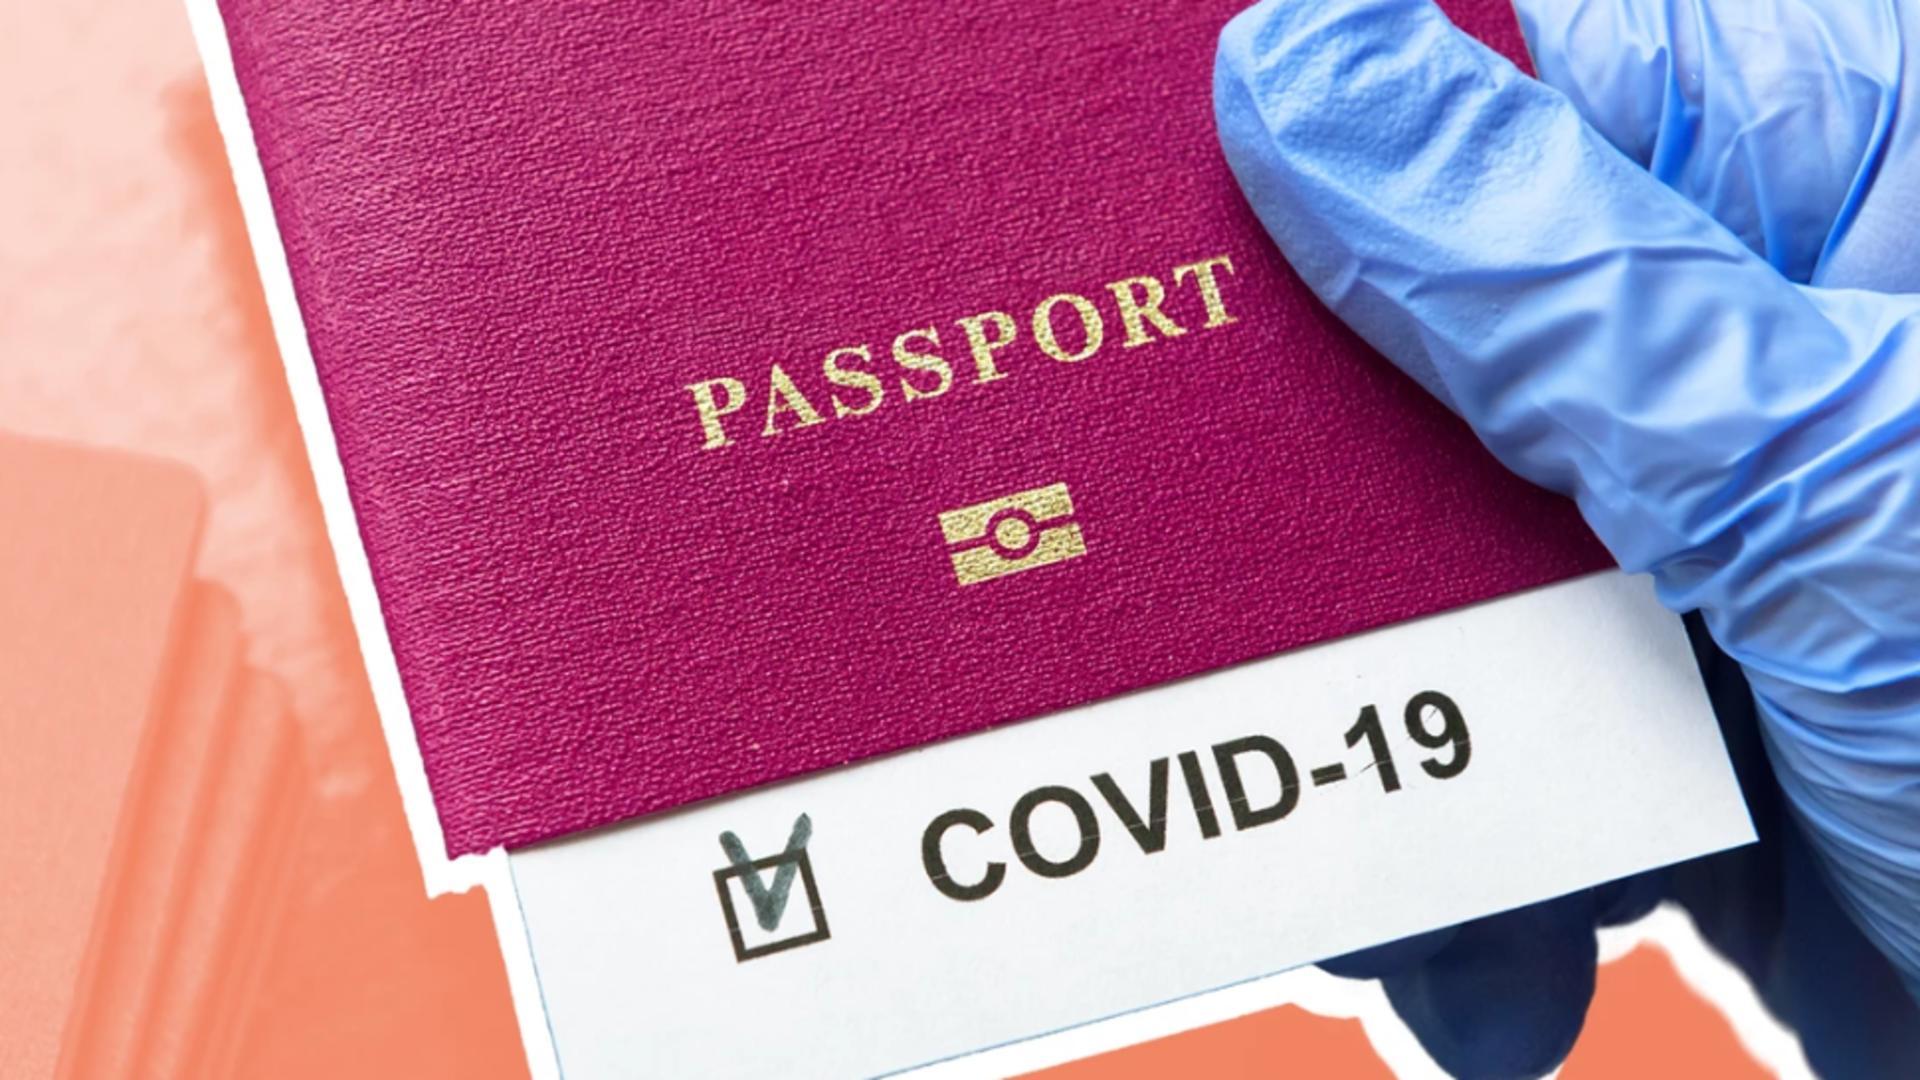 pasaport vaccinare COVID-19